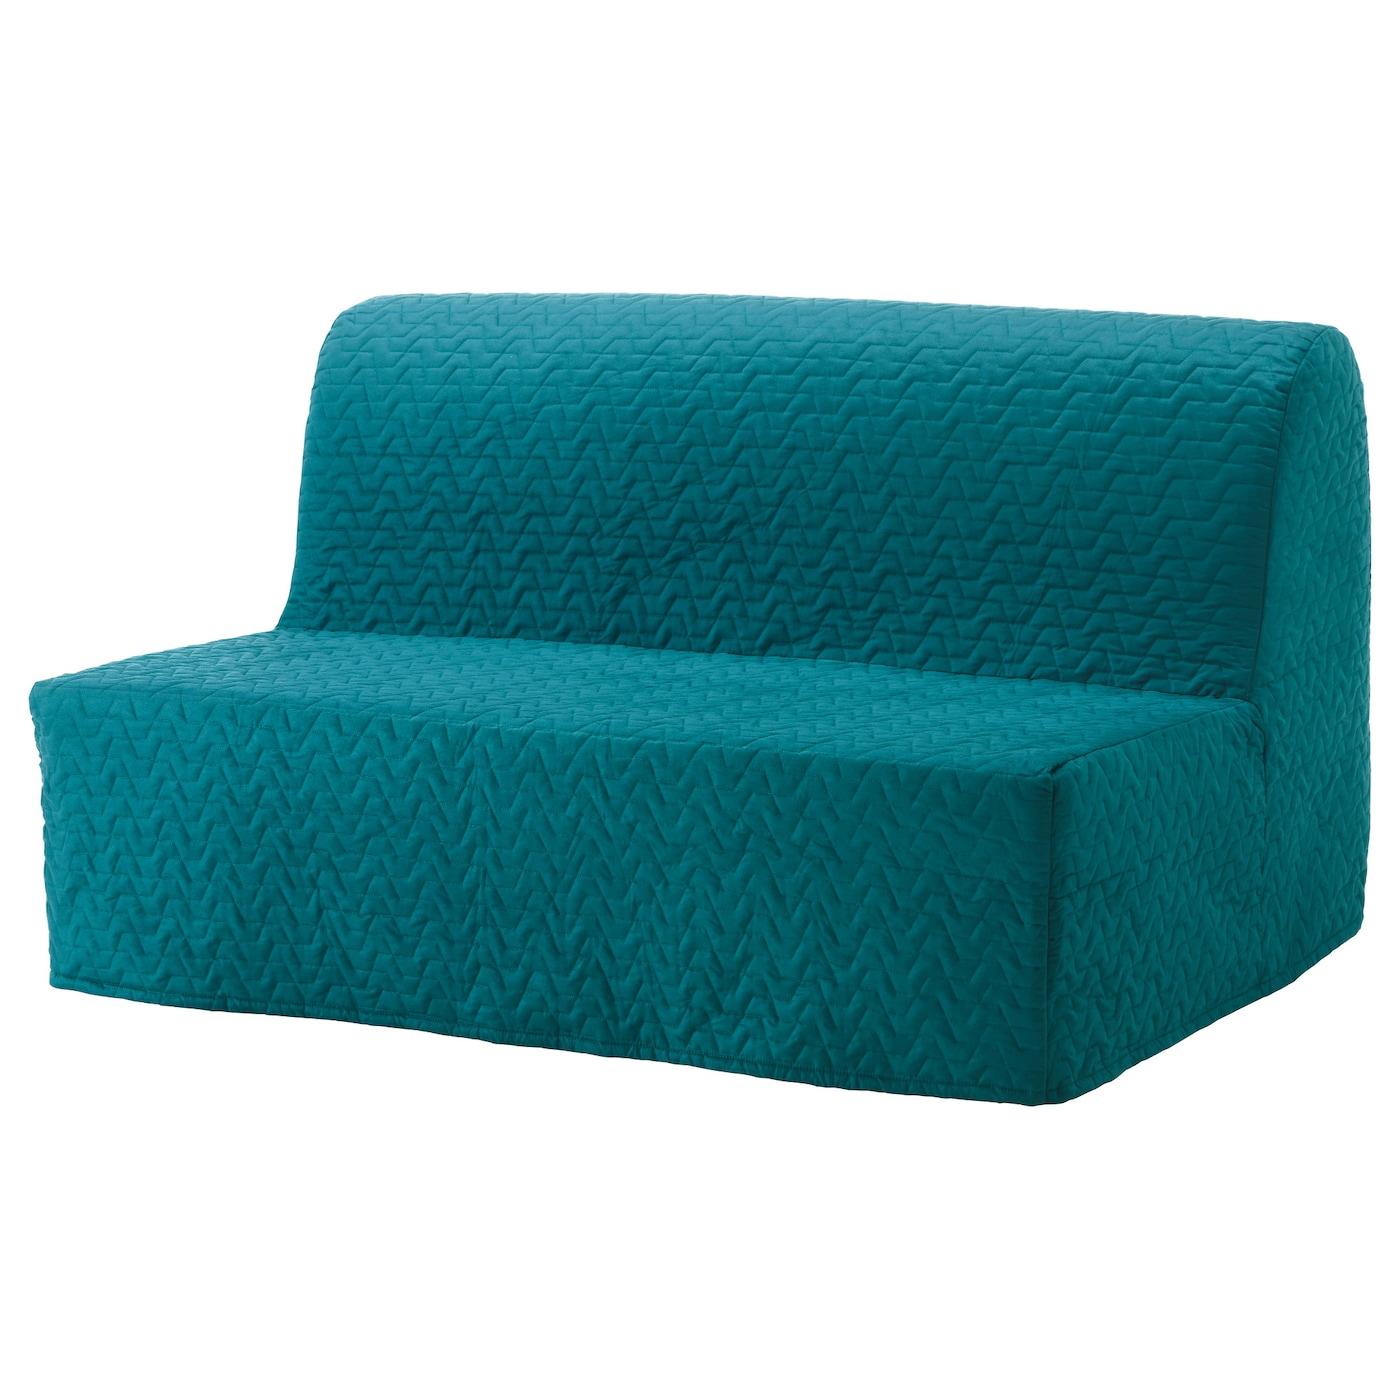 IKEA LYCKSELE MURBO turkusowa, dwuosobowa sofa rozkładana